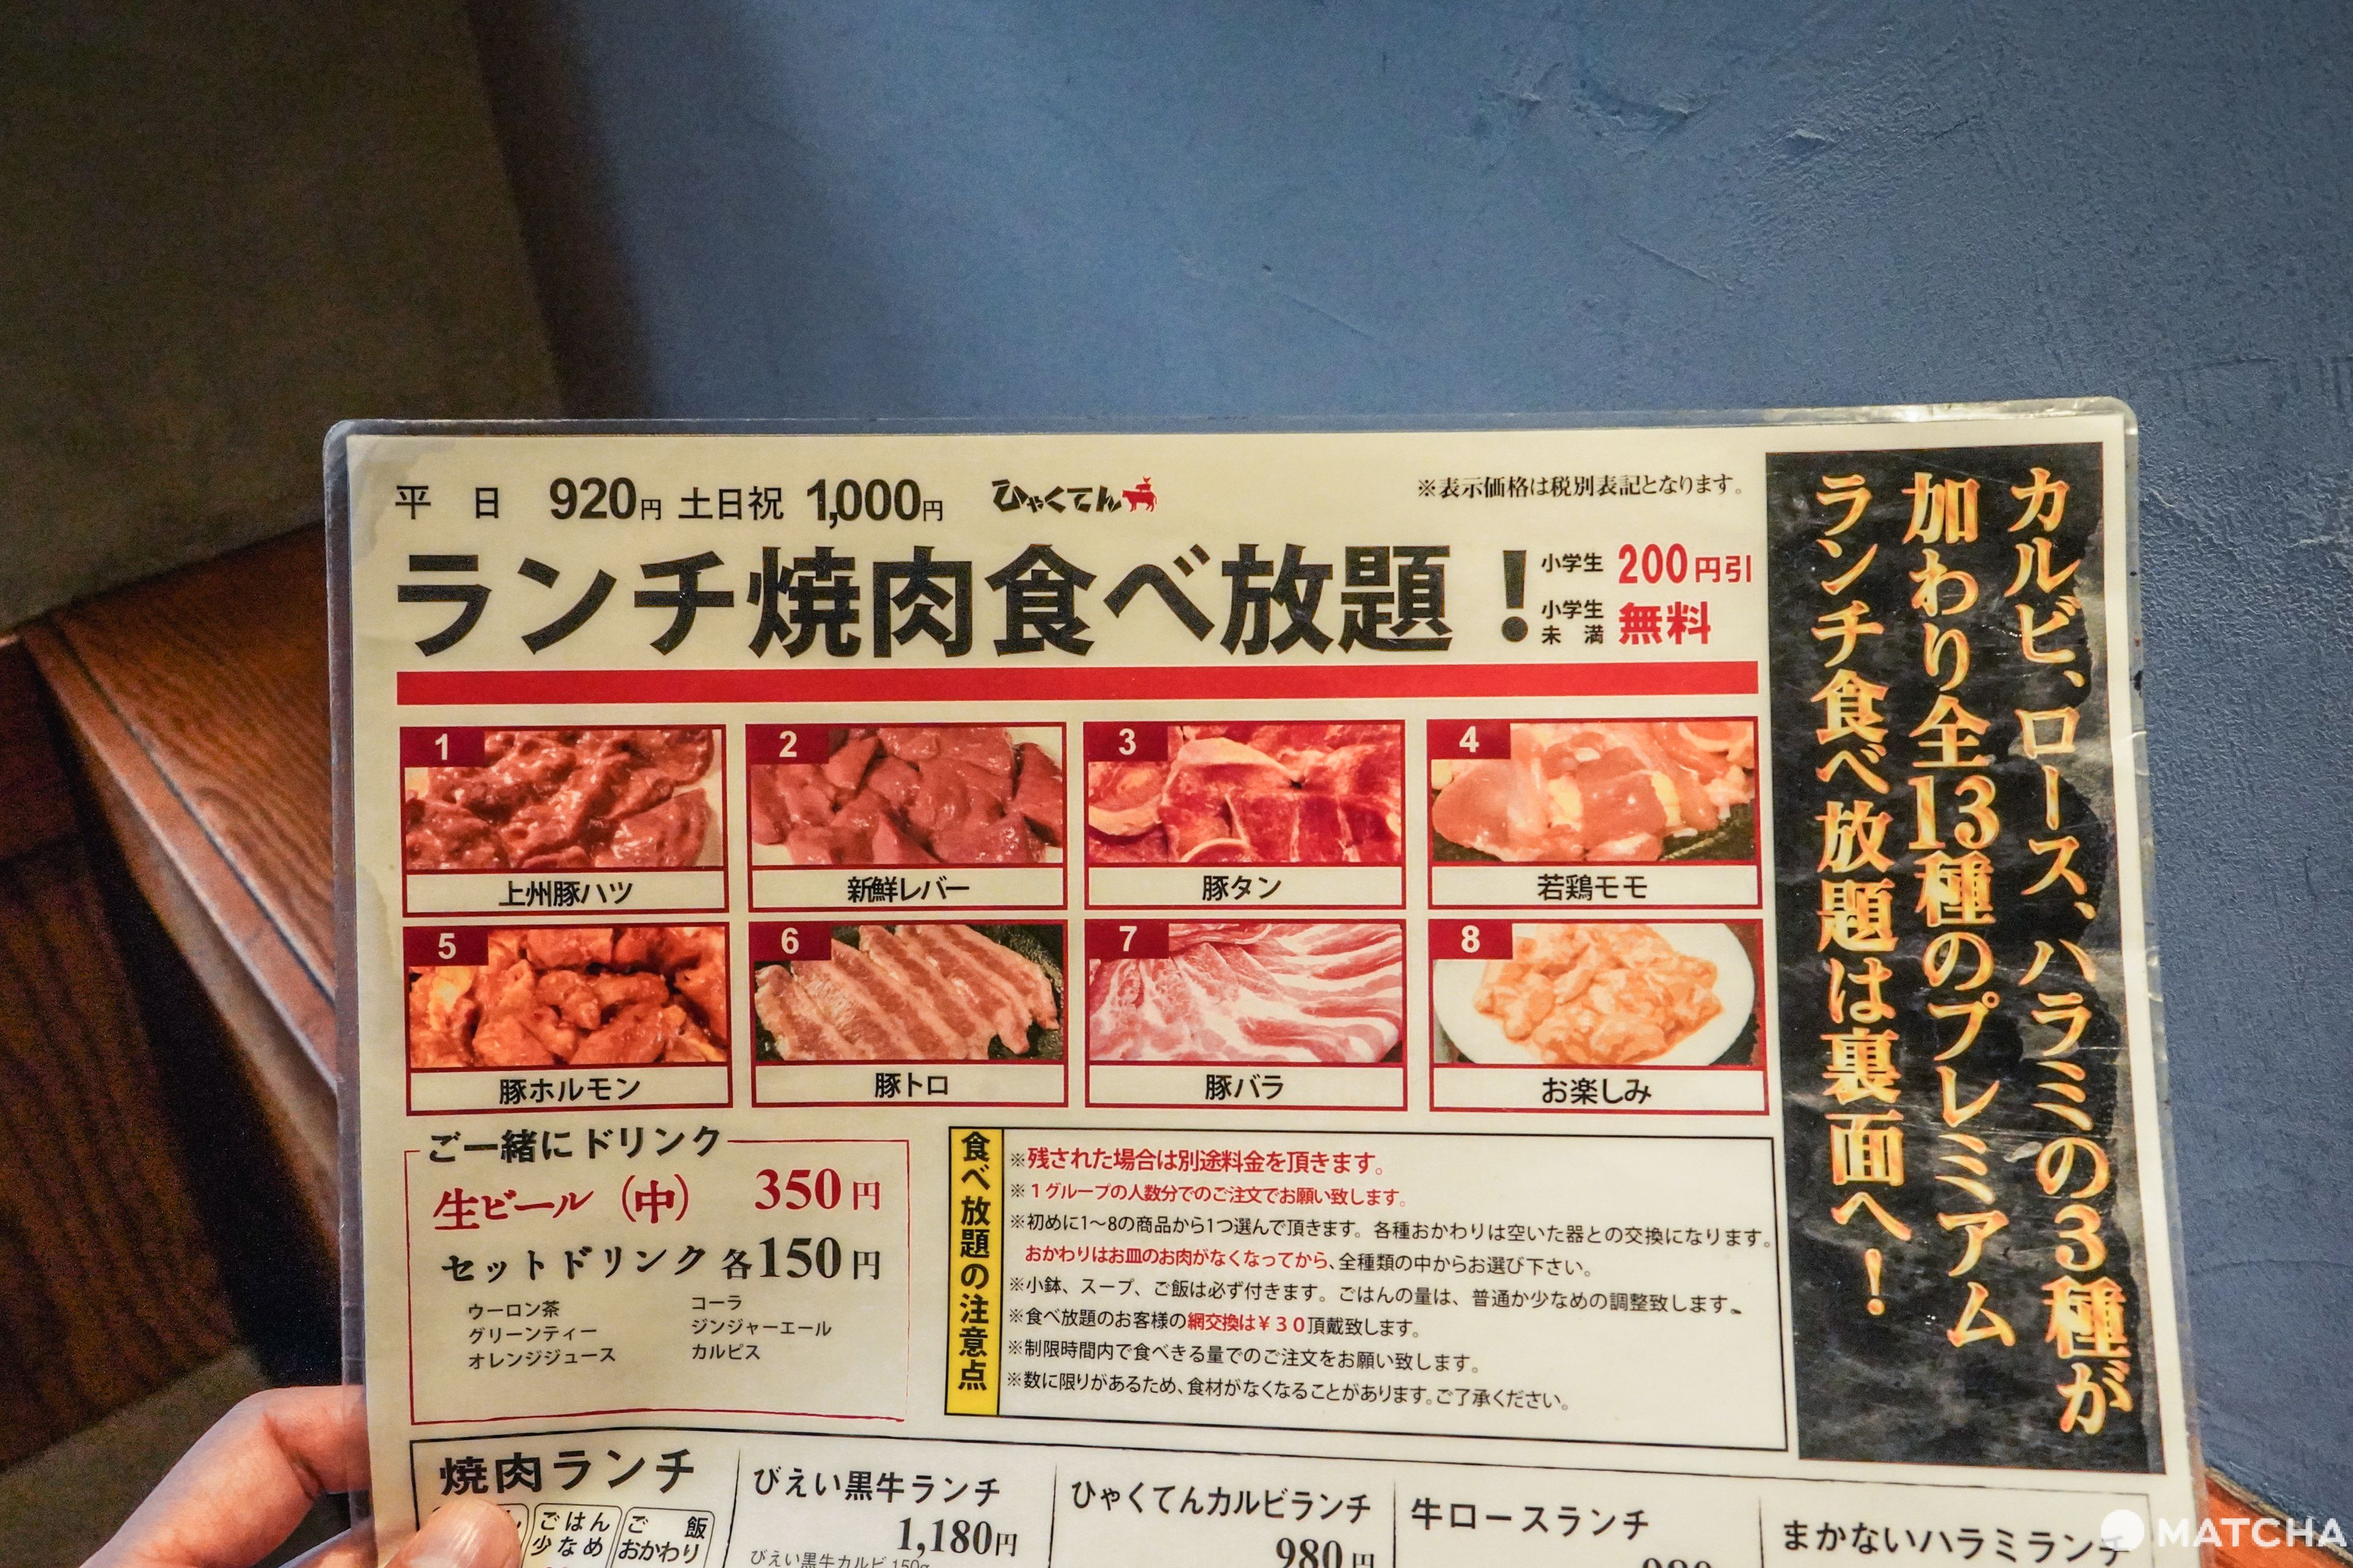 東京美食_燒肉吃到飽_豪德寺ひゃくてん_菜單